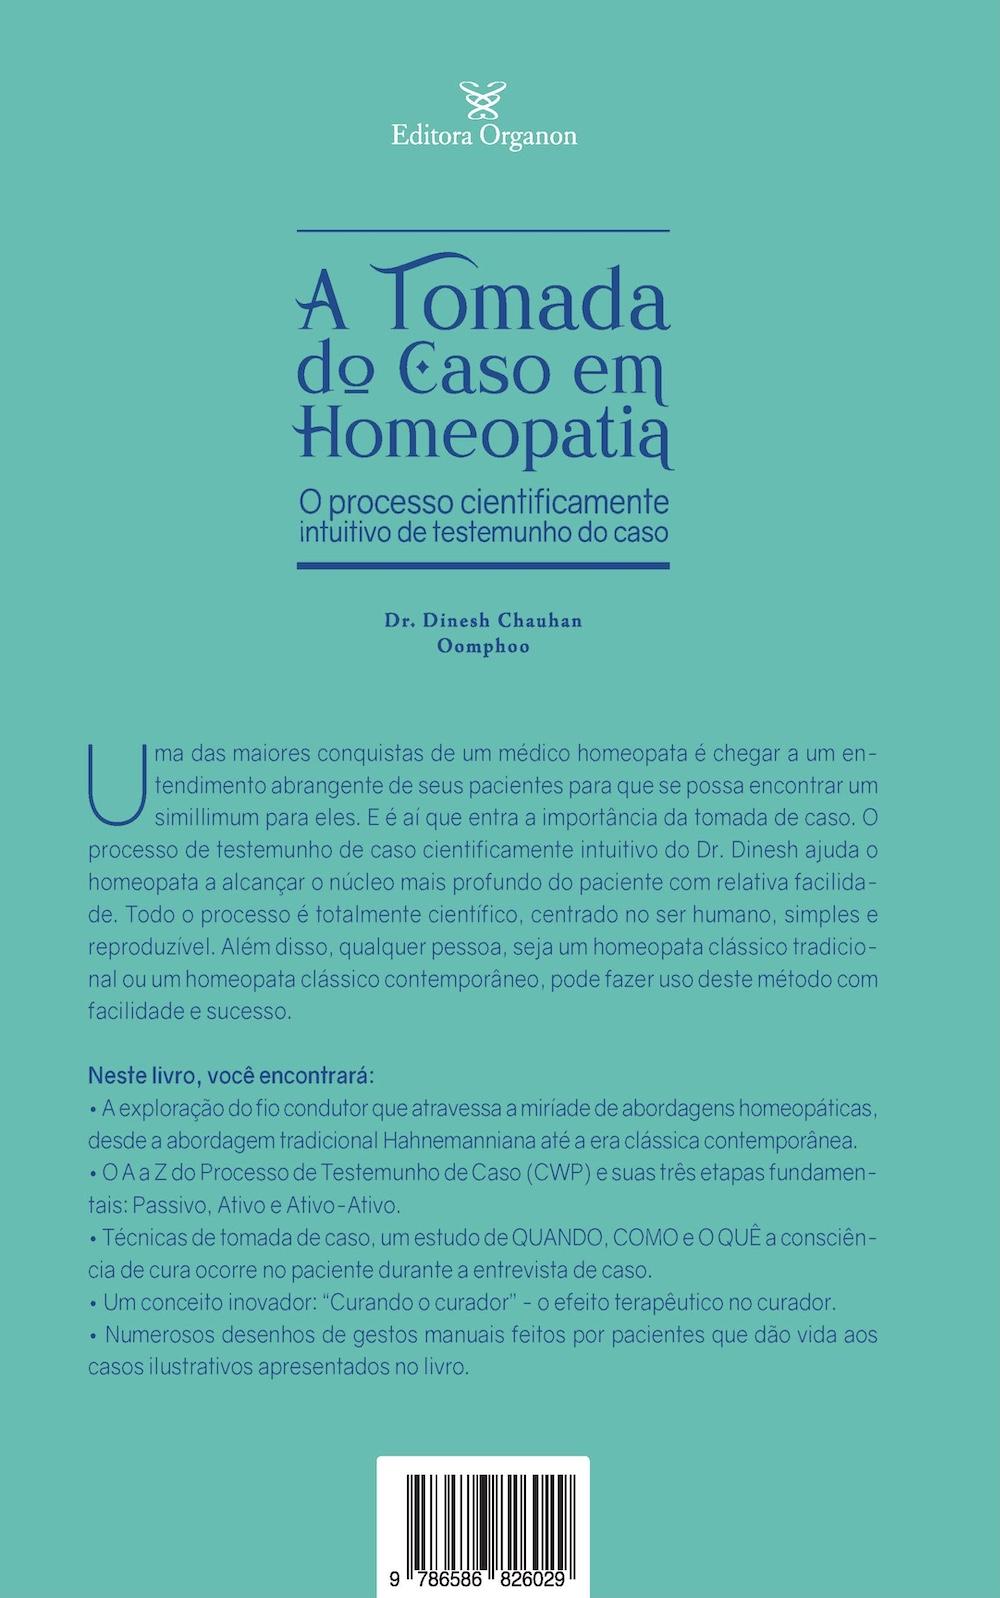 A TOMADA DO CASO EM HOMEOPATIA